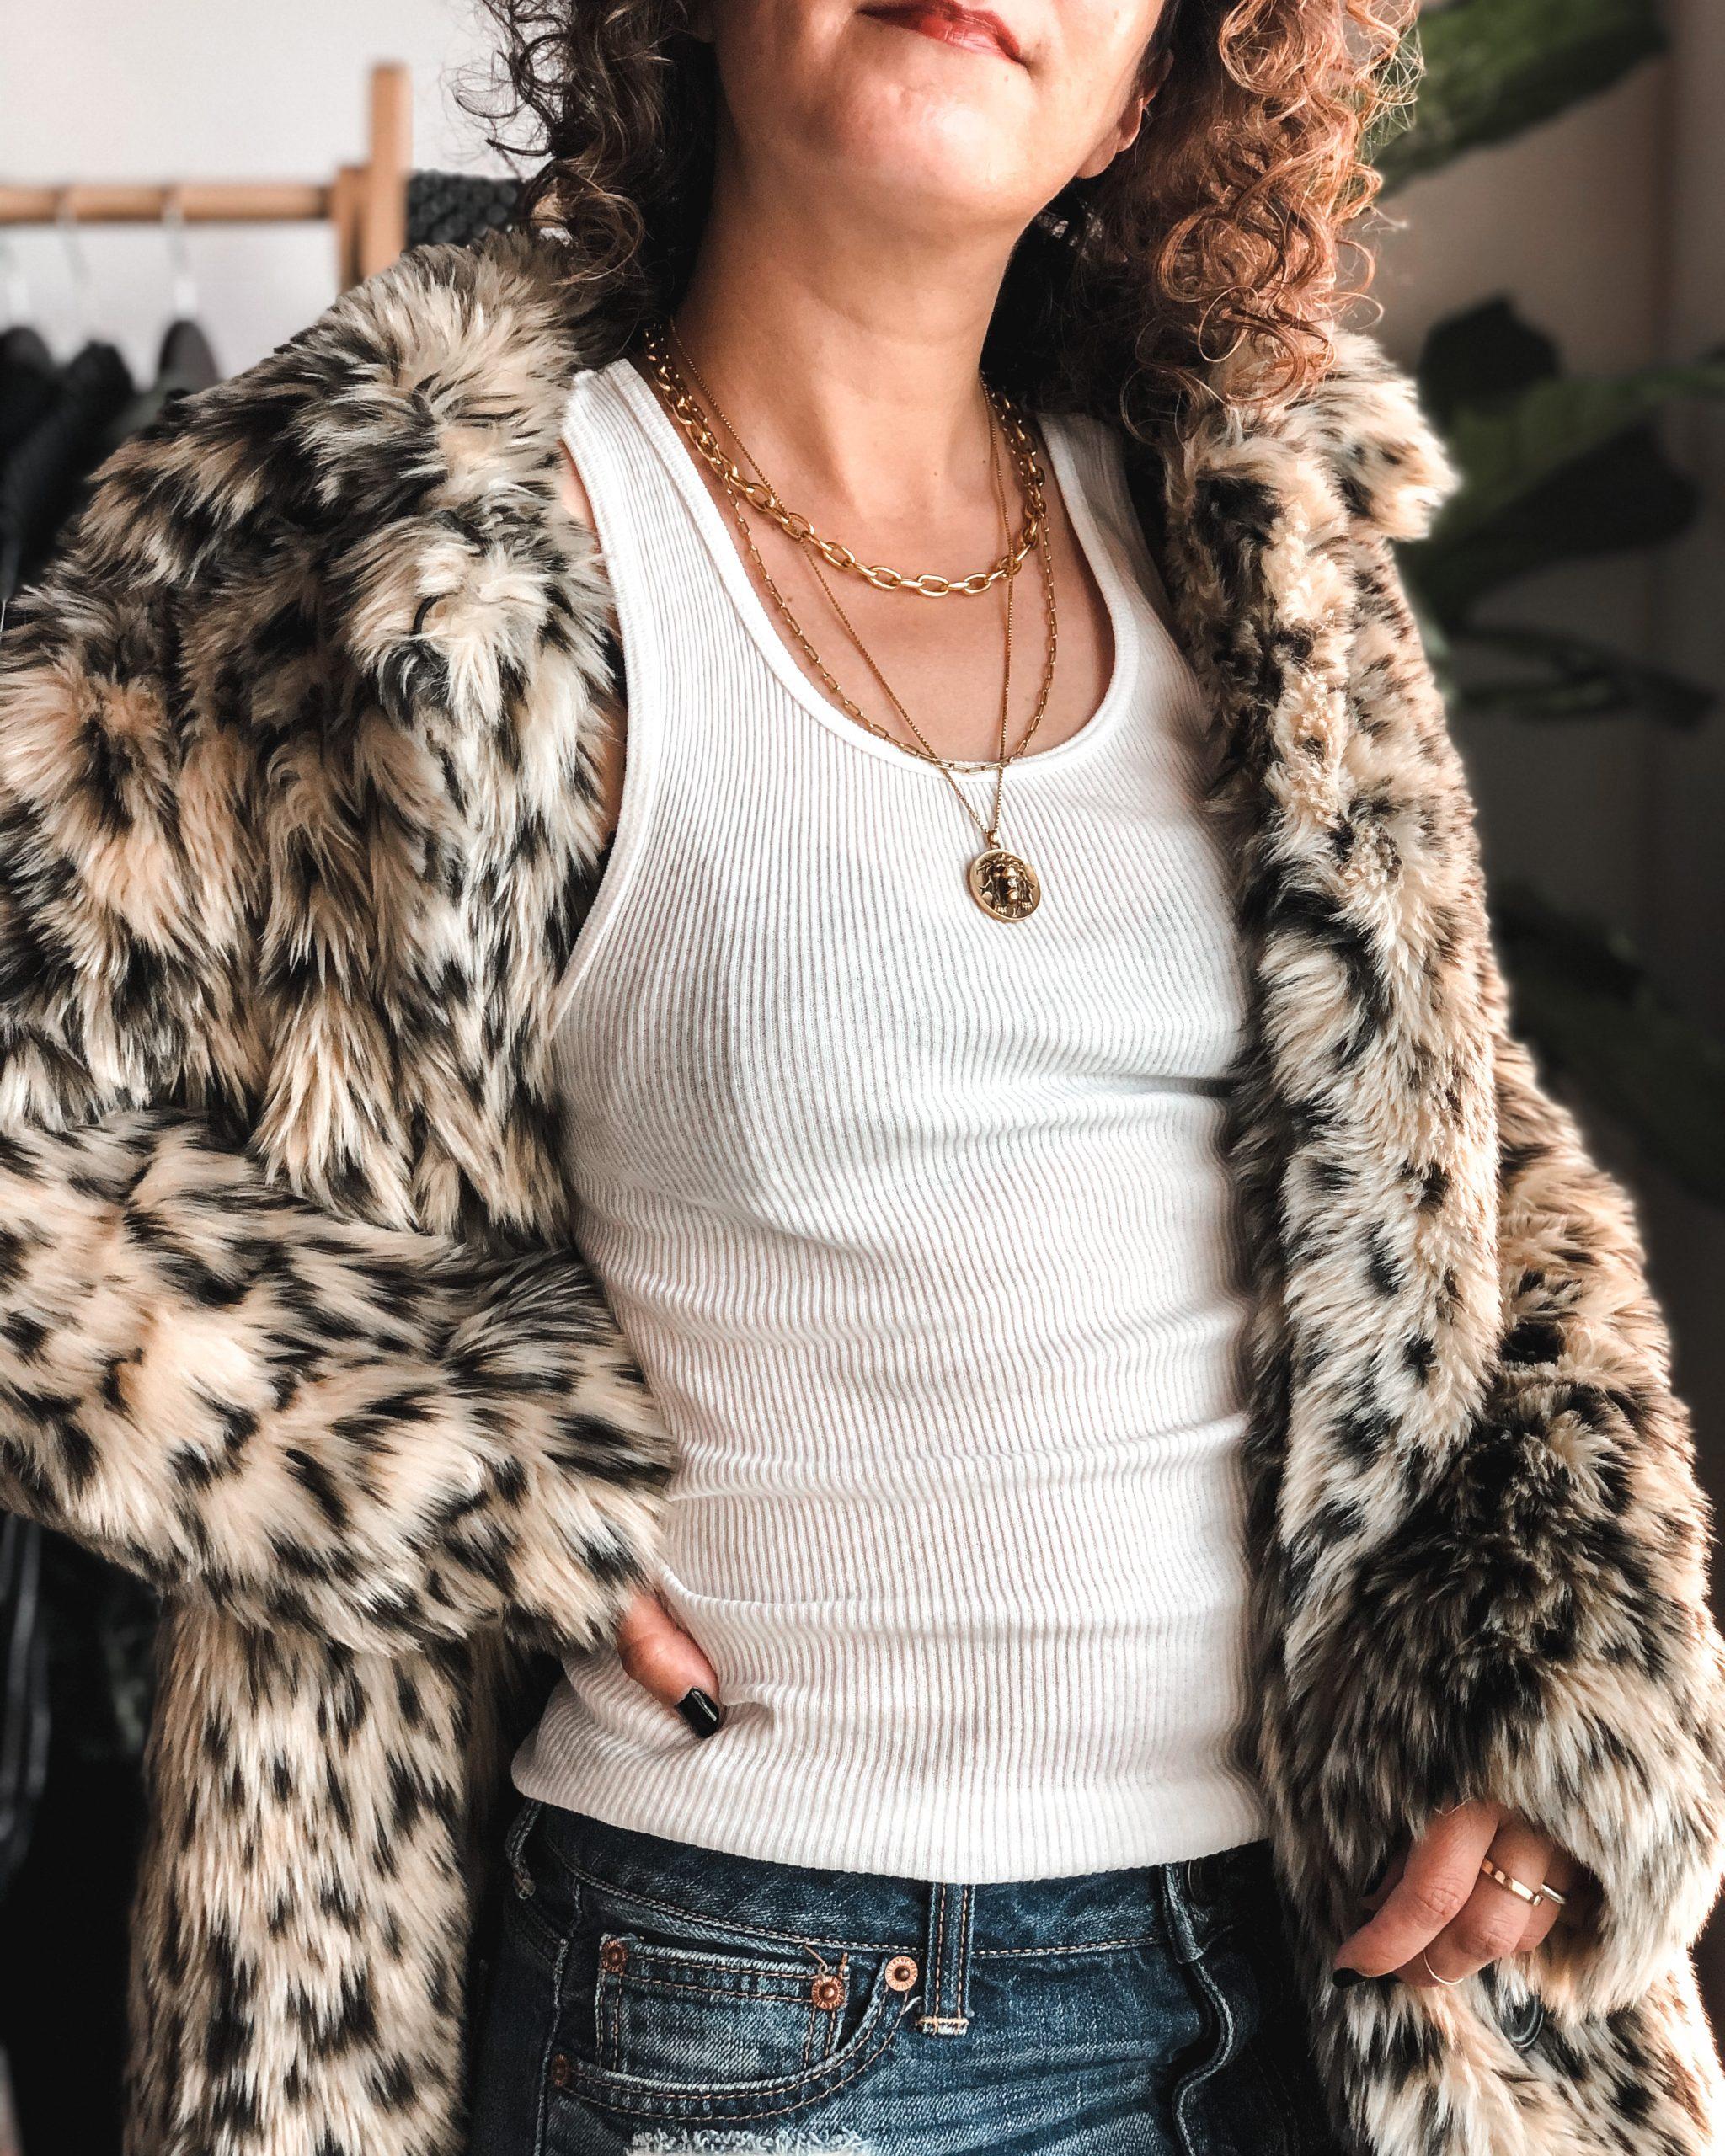 Leopard faux fur coat outfit